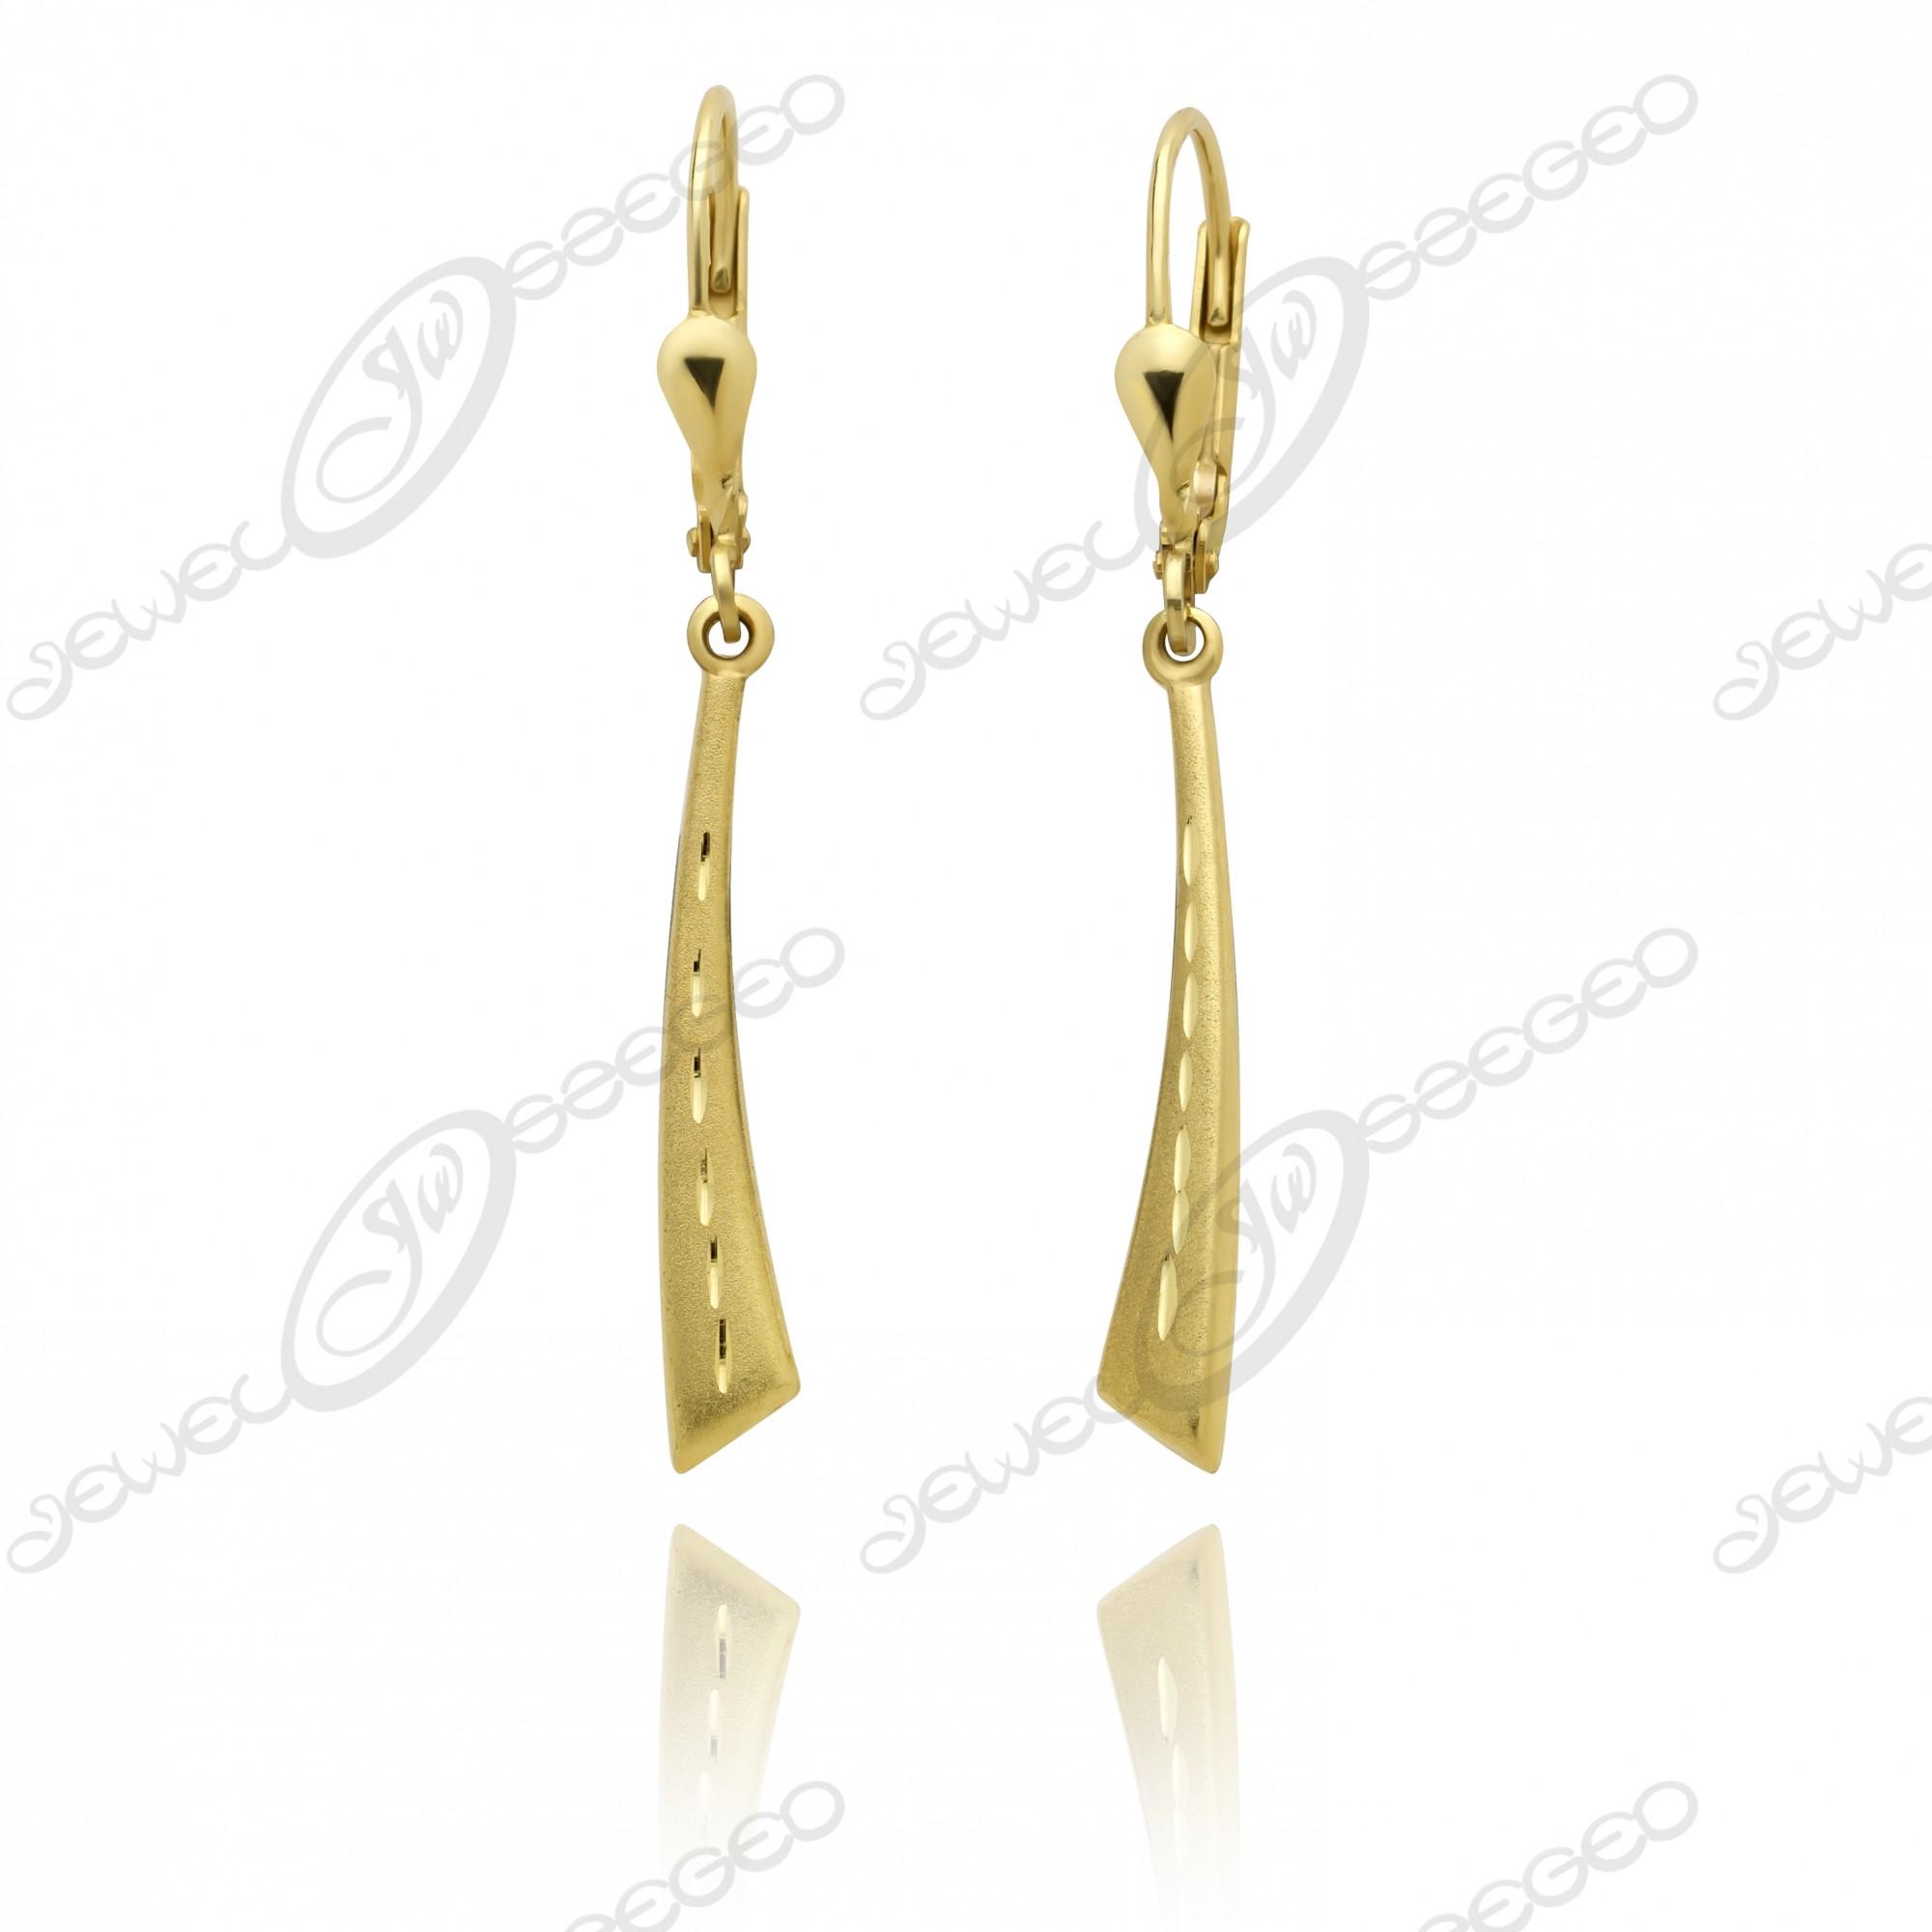 ce27e0bff2 Női lógós fülbevaló - arany ékszerek, ezüst ékszerek :: Jewel Ékszerkészítő  Manufaktúra